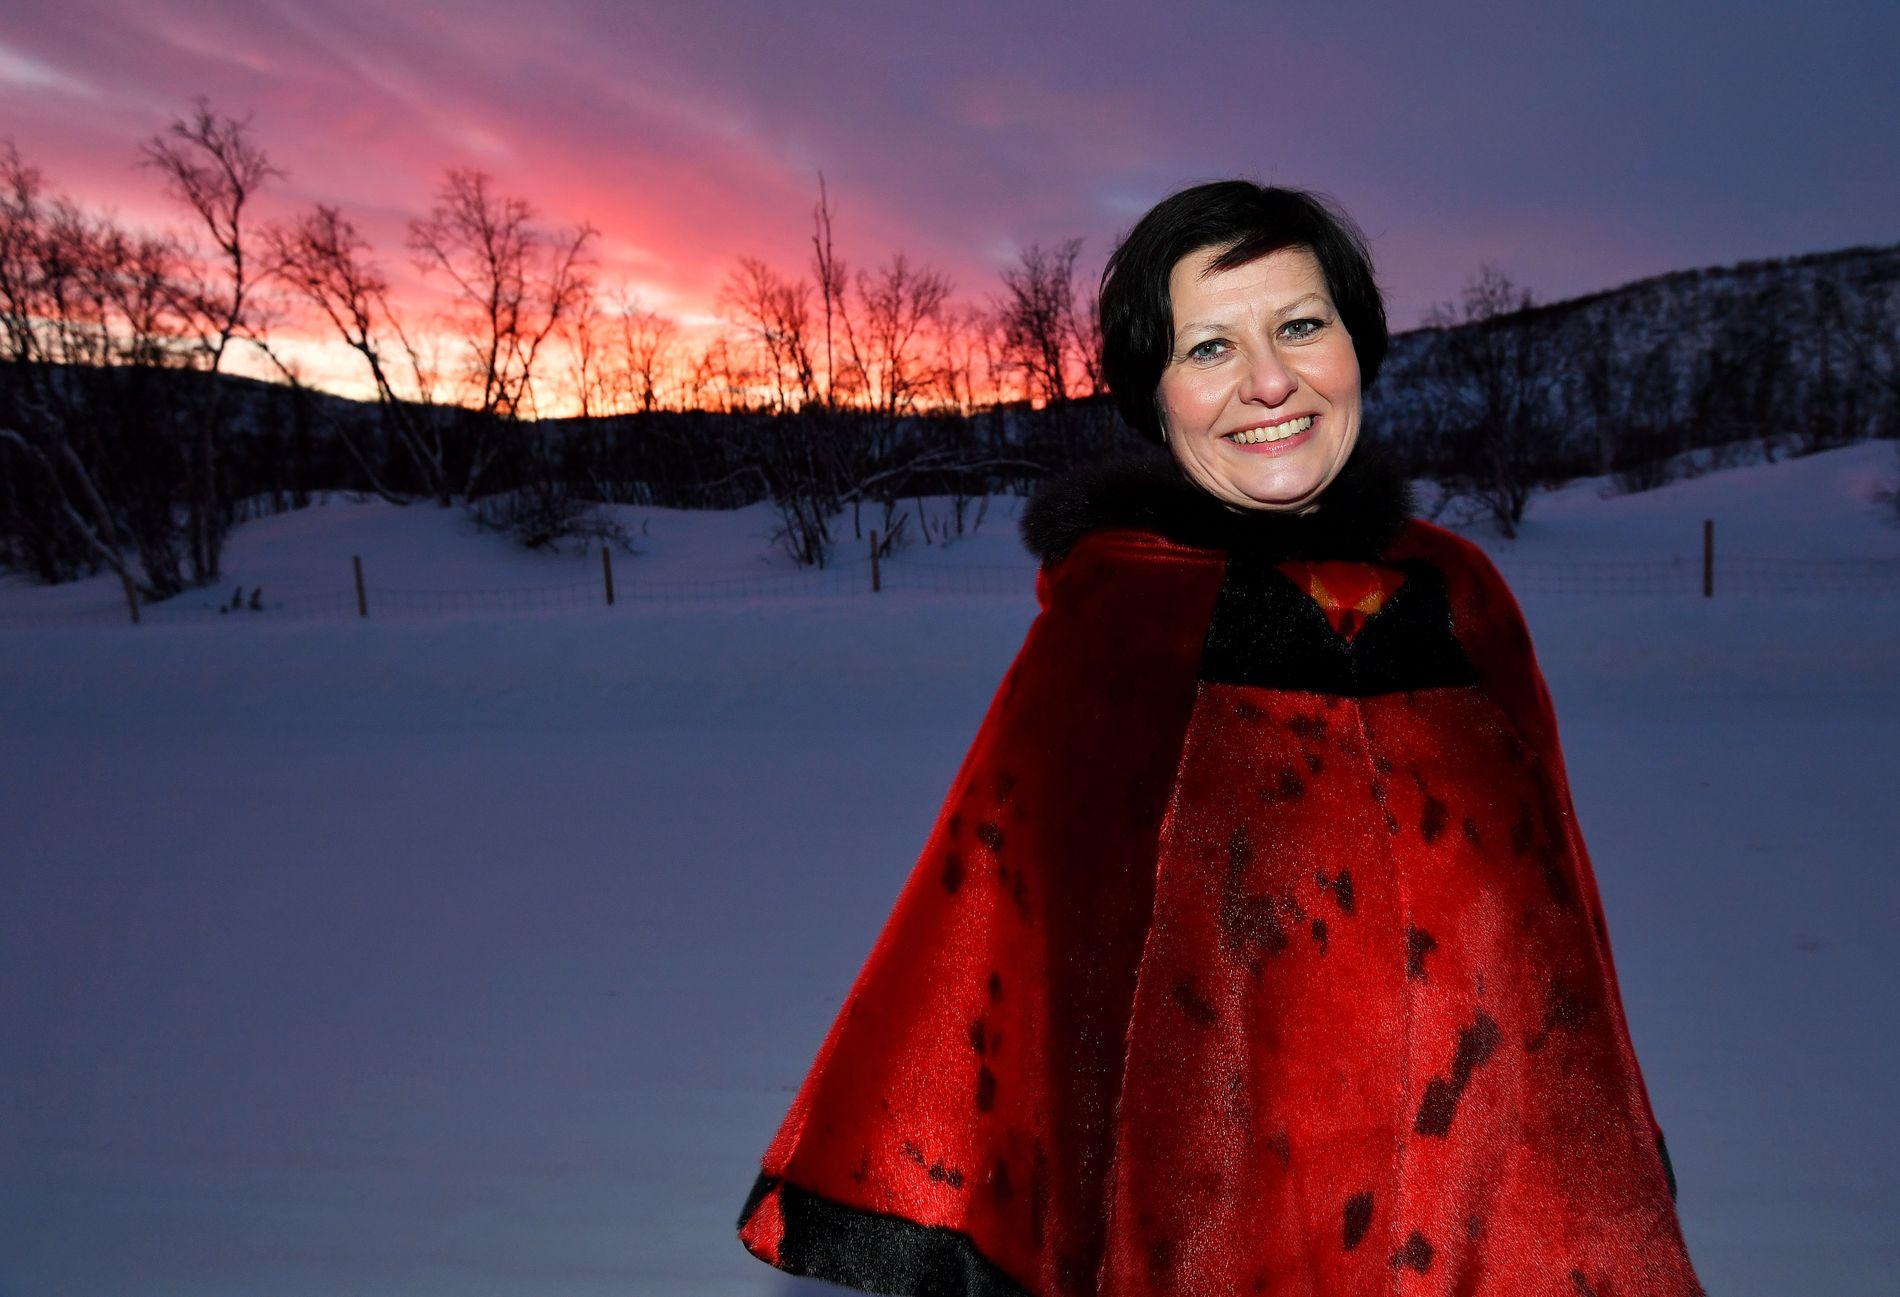 HELGA I SELSKINN: Helga Pedersen ankommer samenes nasjonaldag på Tana bru i solnedgang og selskinns-cape.